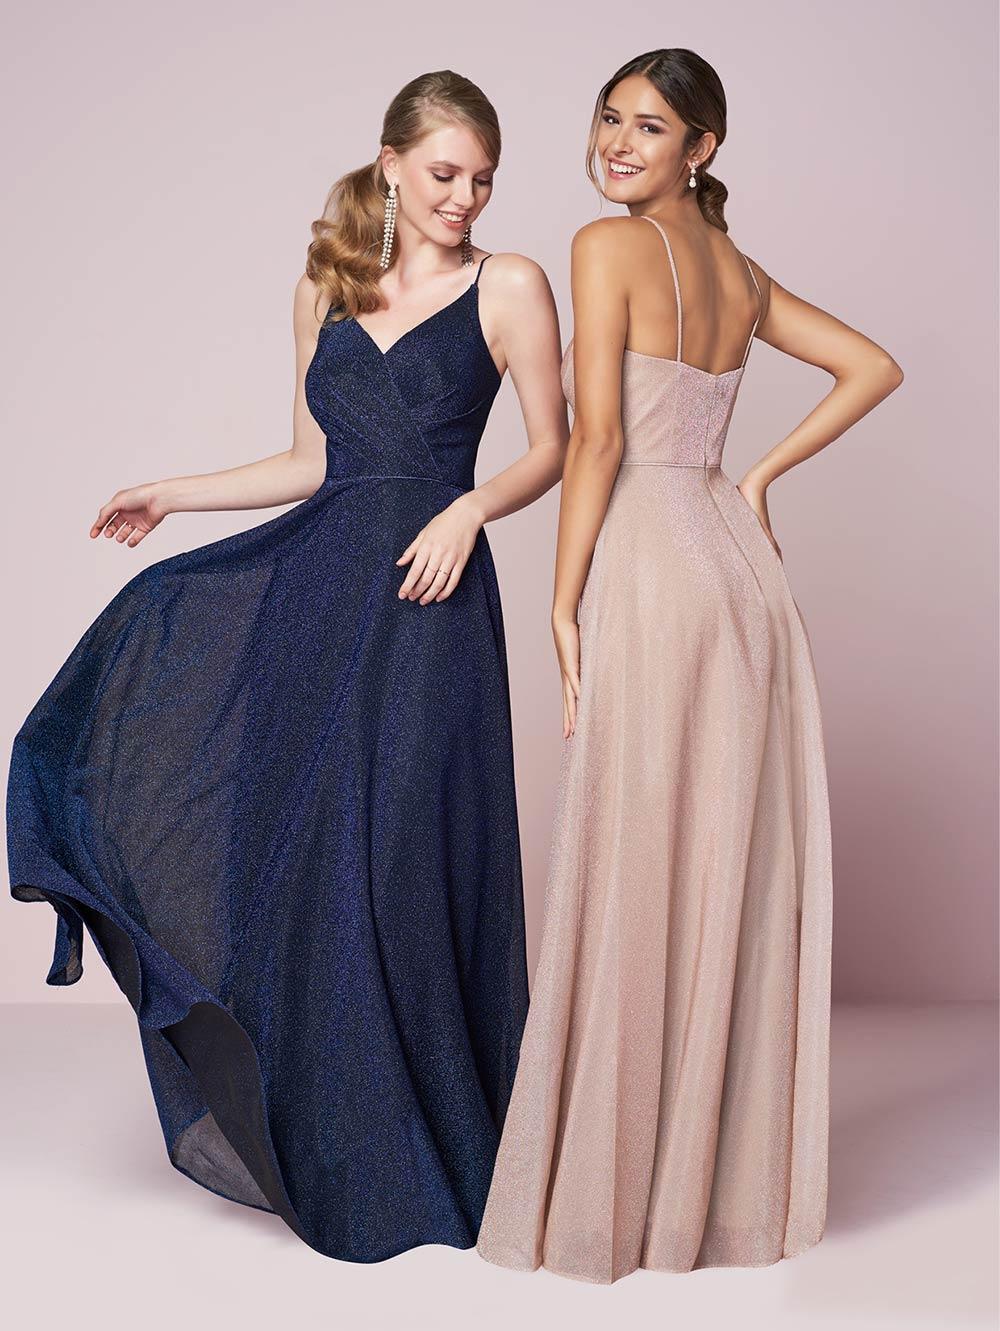 bridesmaid-dresses-jacquelin-bridals-canada-27775